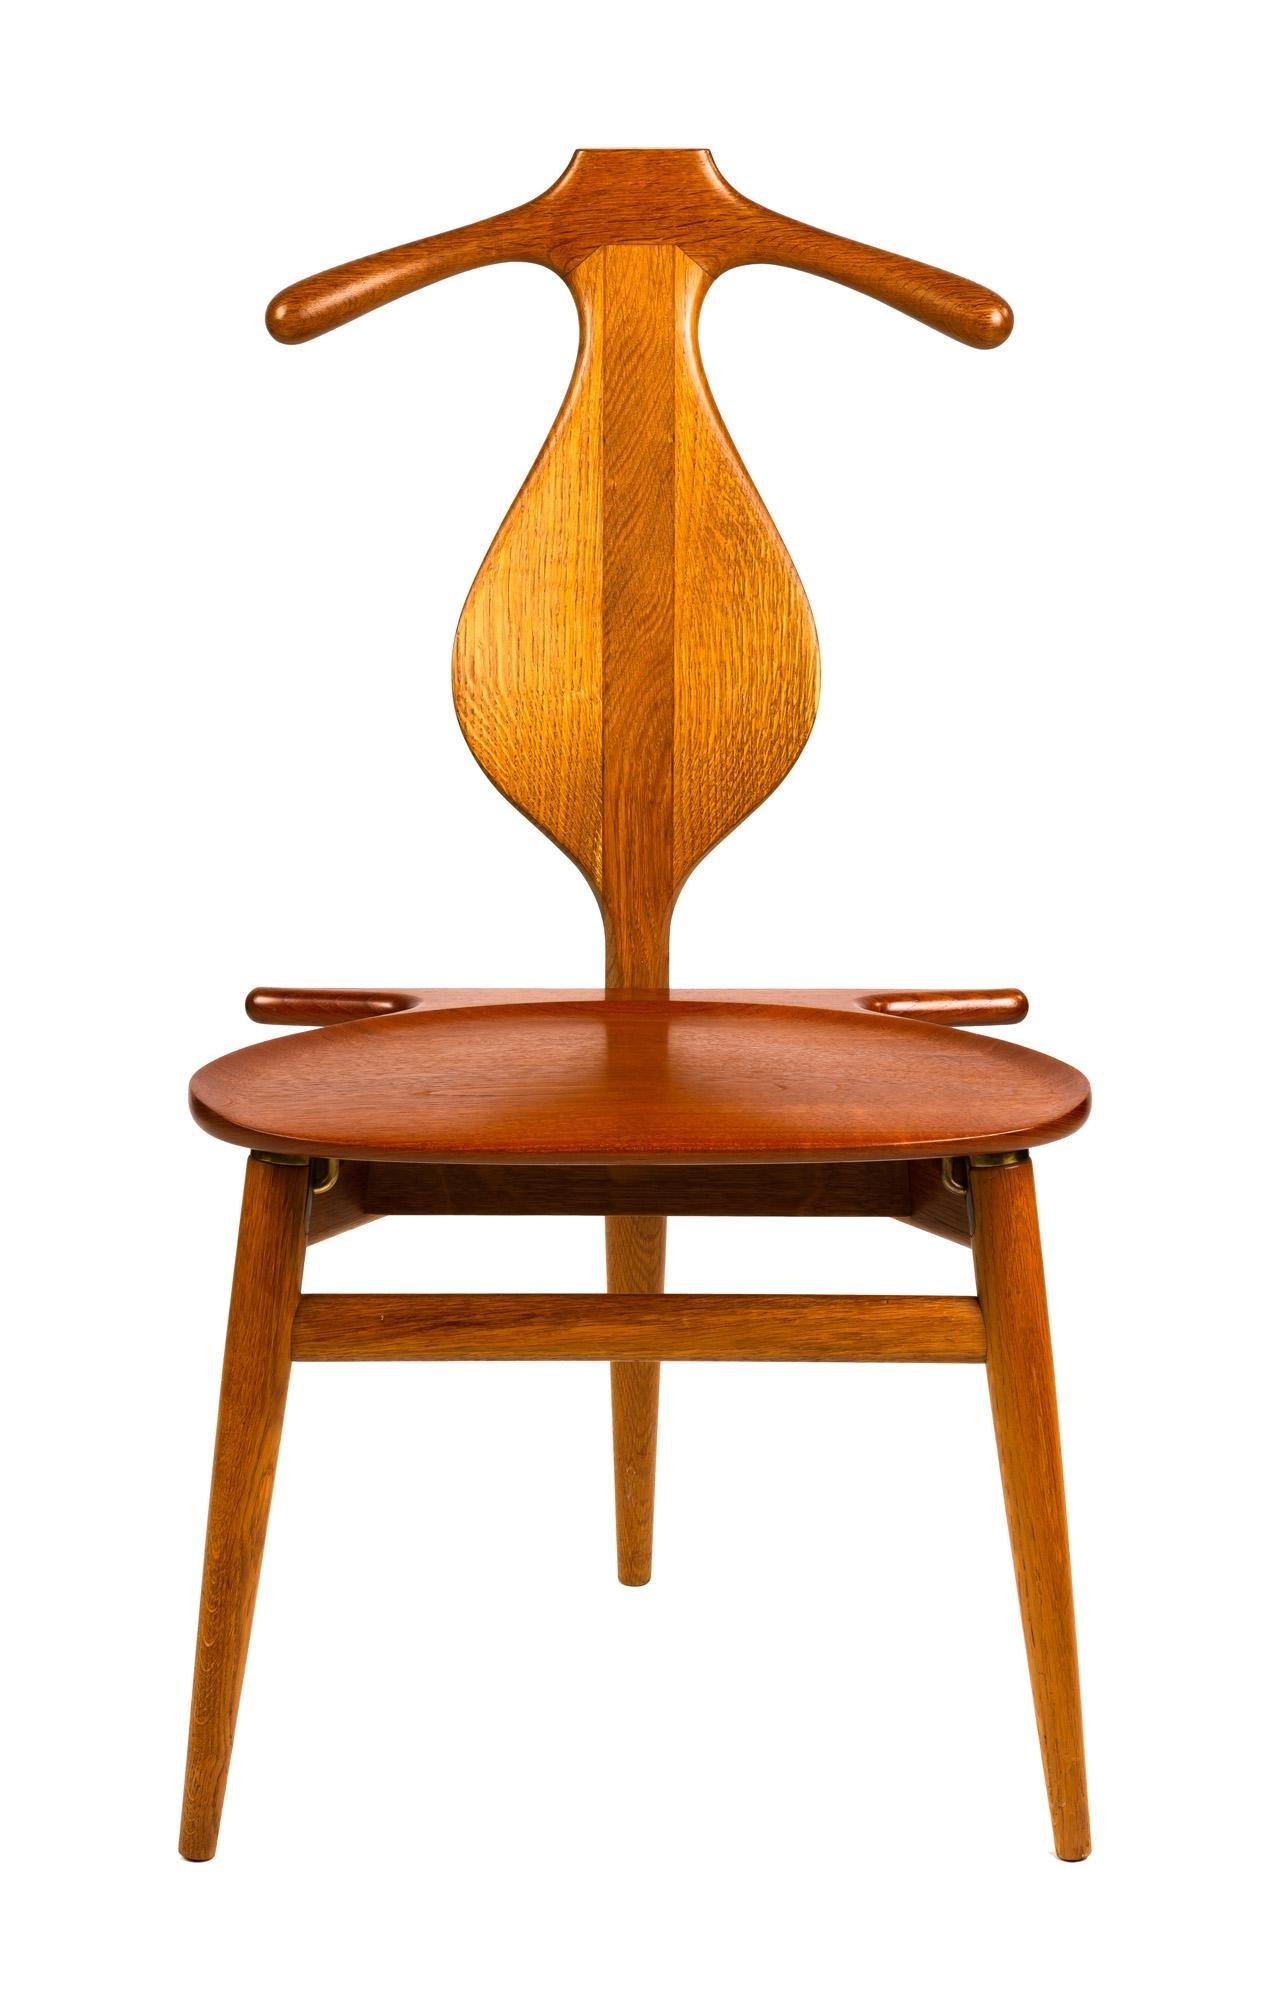 Hans J. Wegner (Danish, 1914-2007) Valet Chair